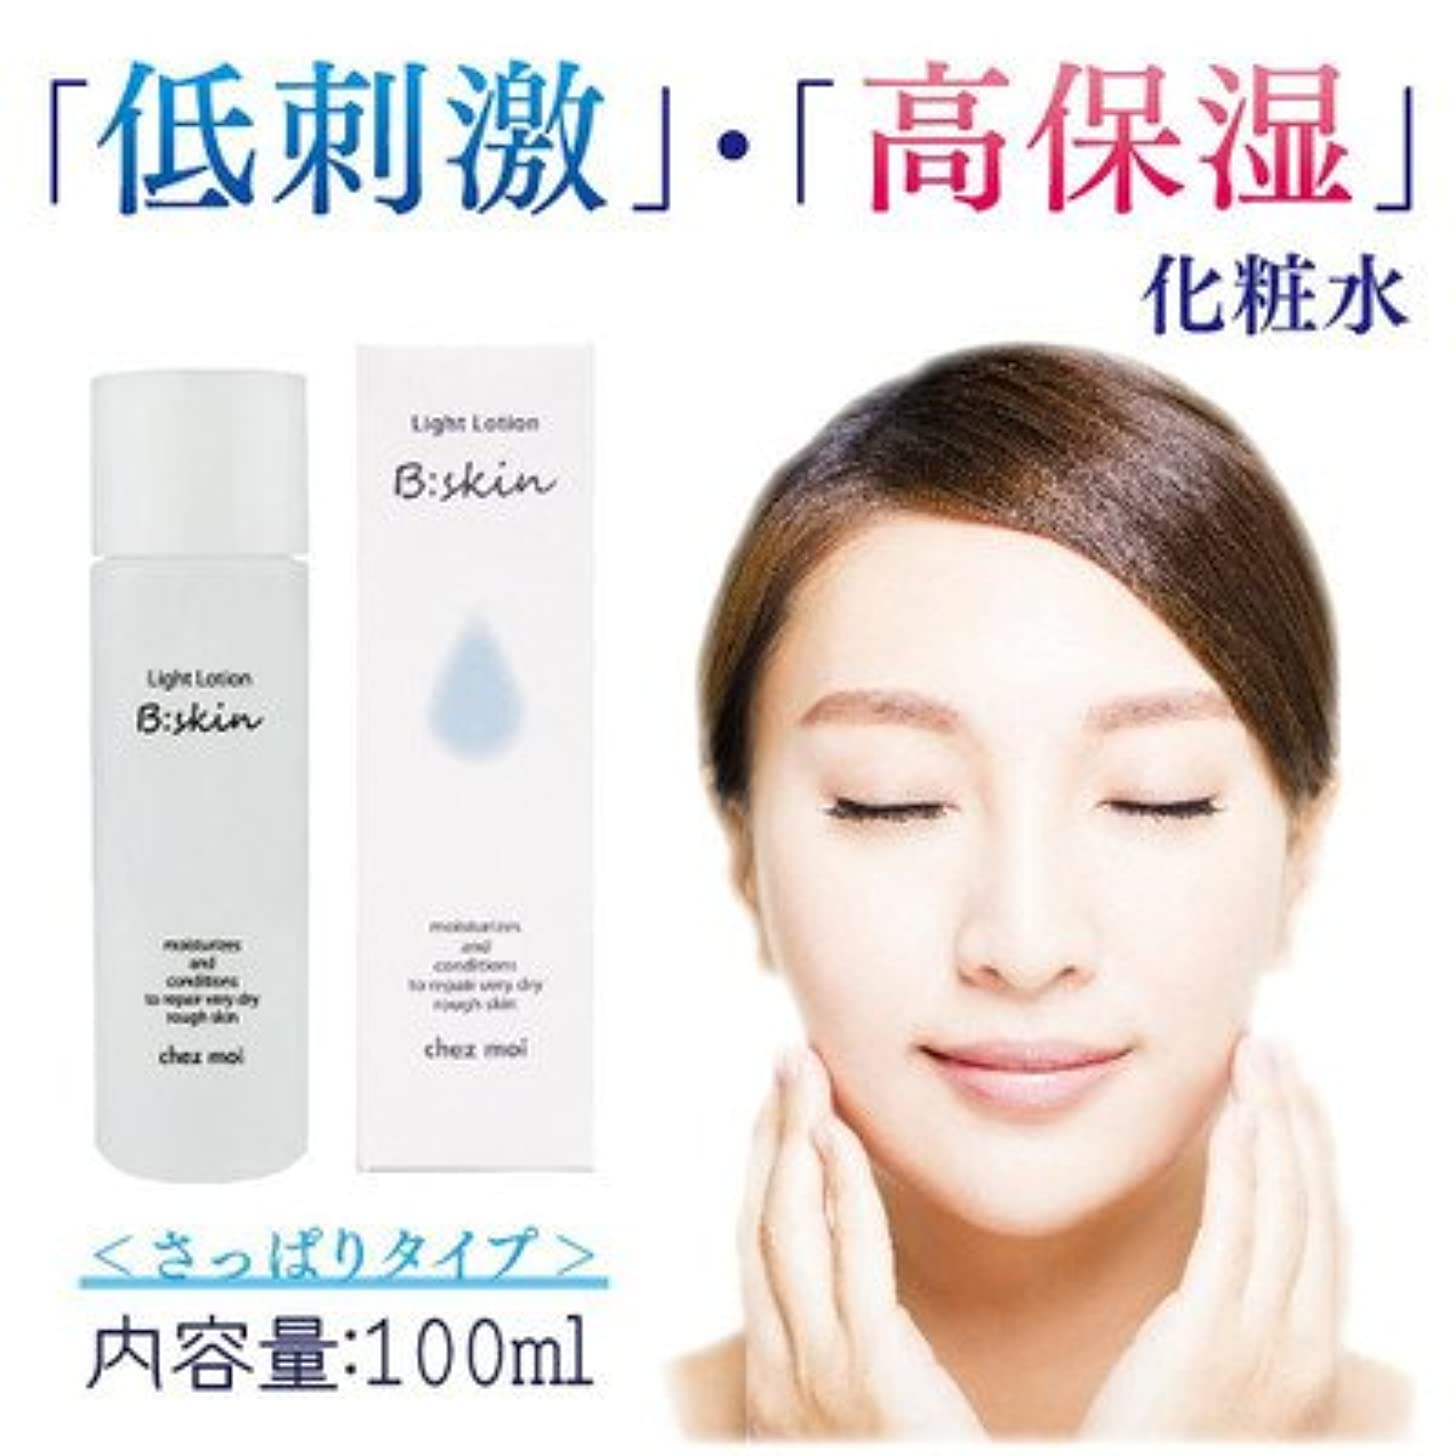 ホストブルゴーニュ慣れている低刺激 高保湿 さっぱりタイプの化粧水 B:skin ビースキン Light Lotion ライトローション さっぱりタイプ 化粧水 100mL